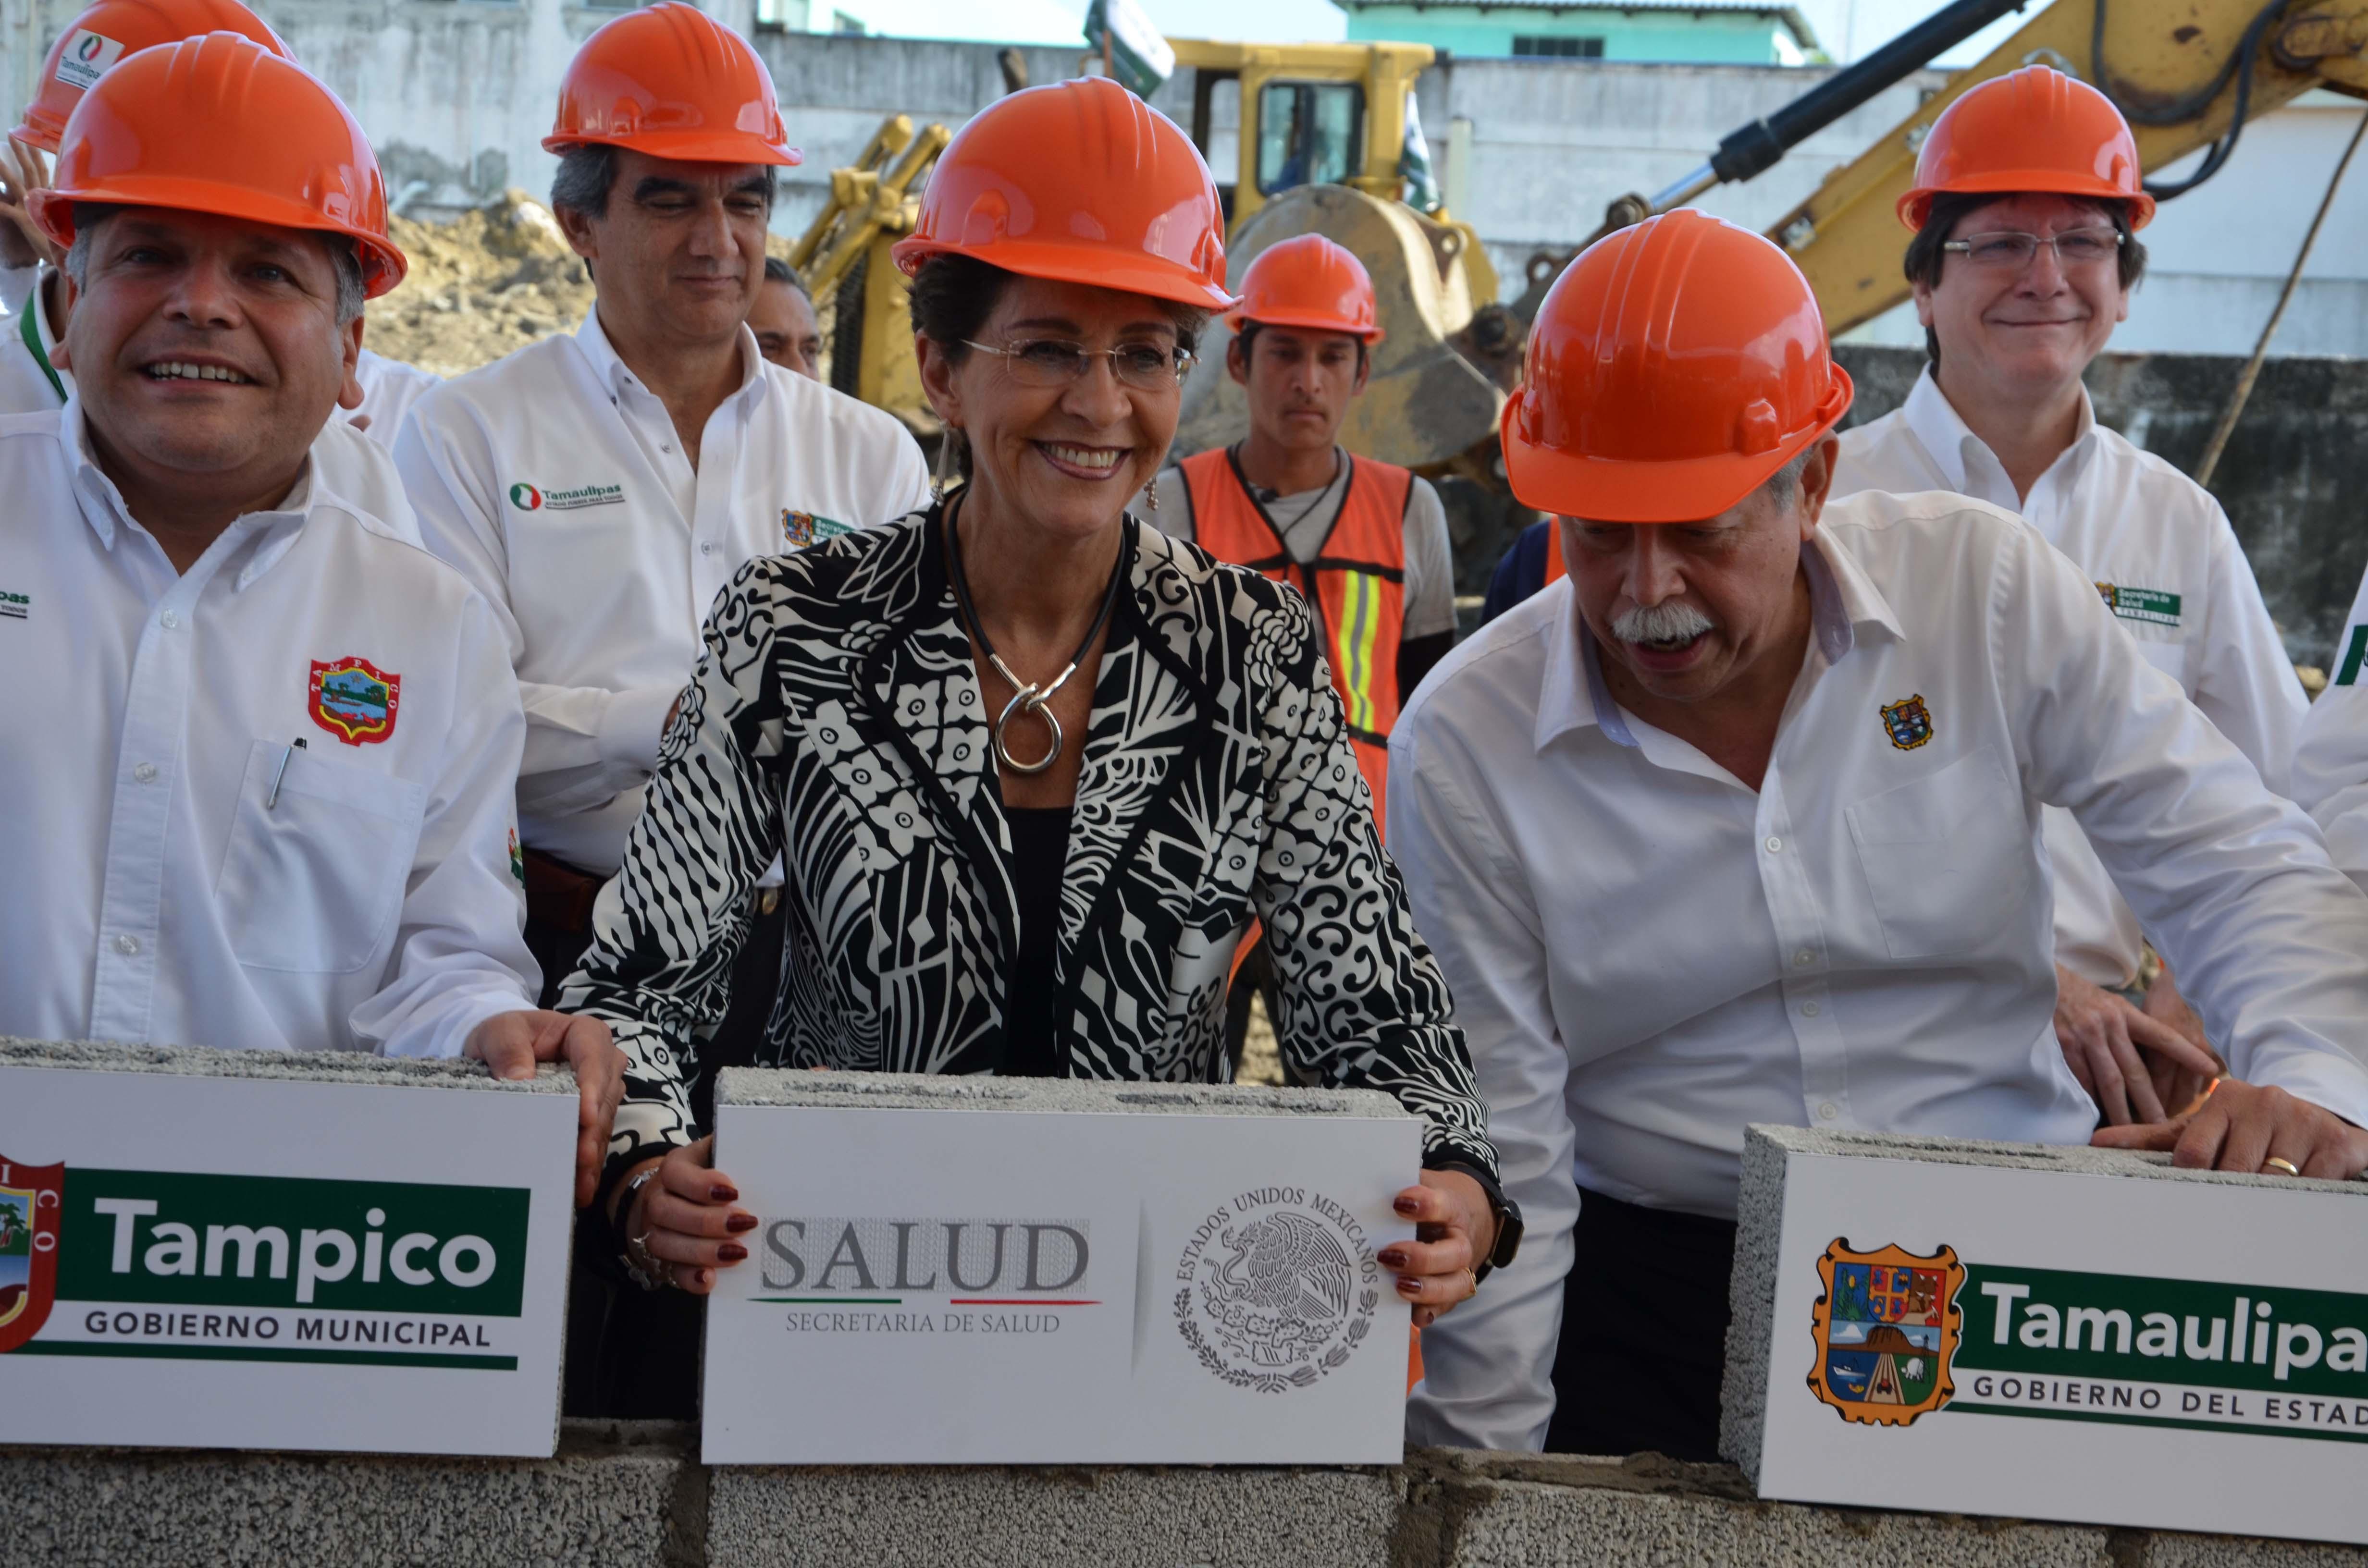 230114 Tampico 02jpg